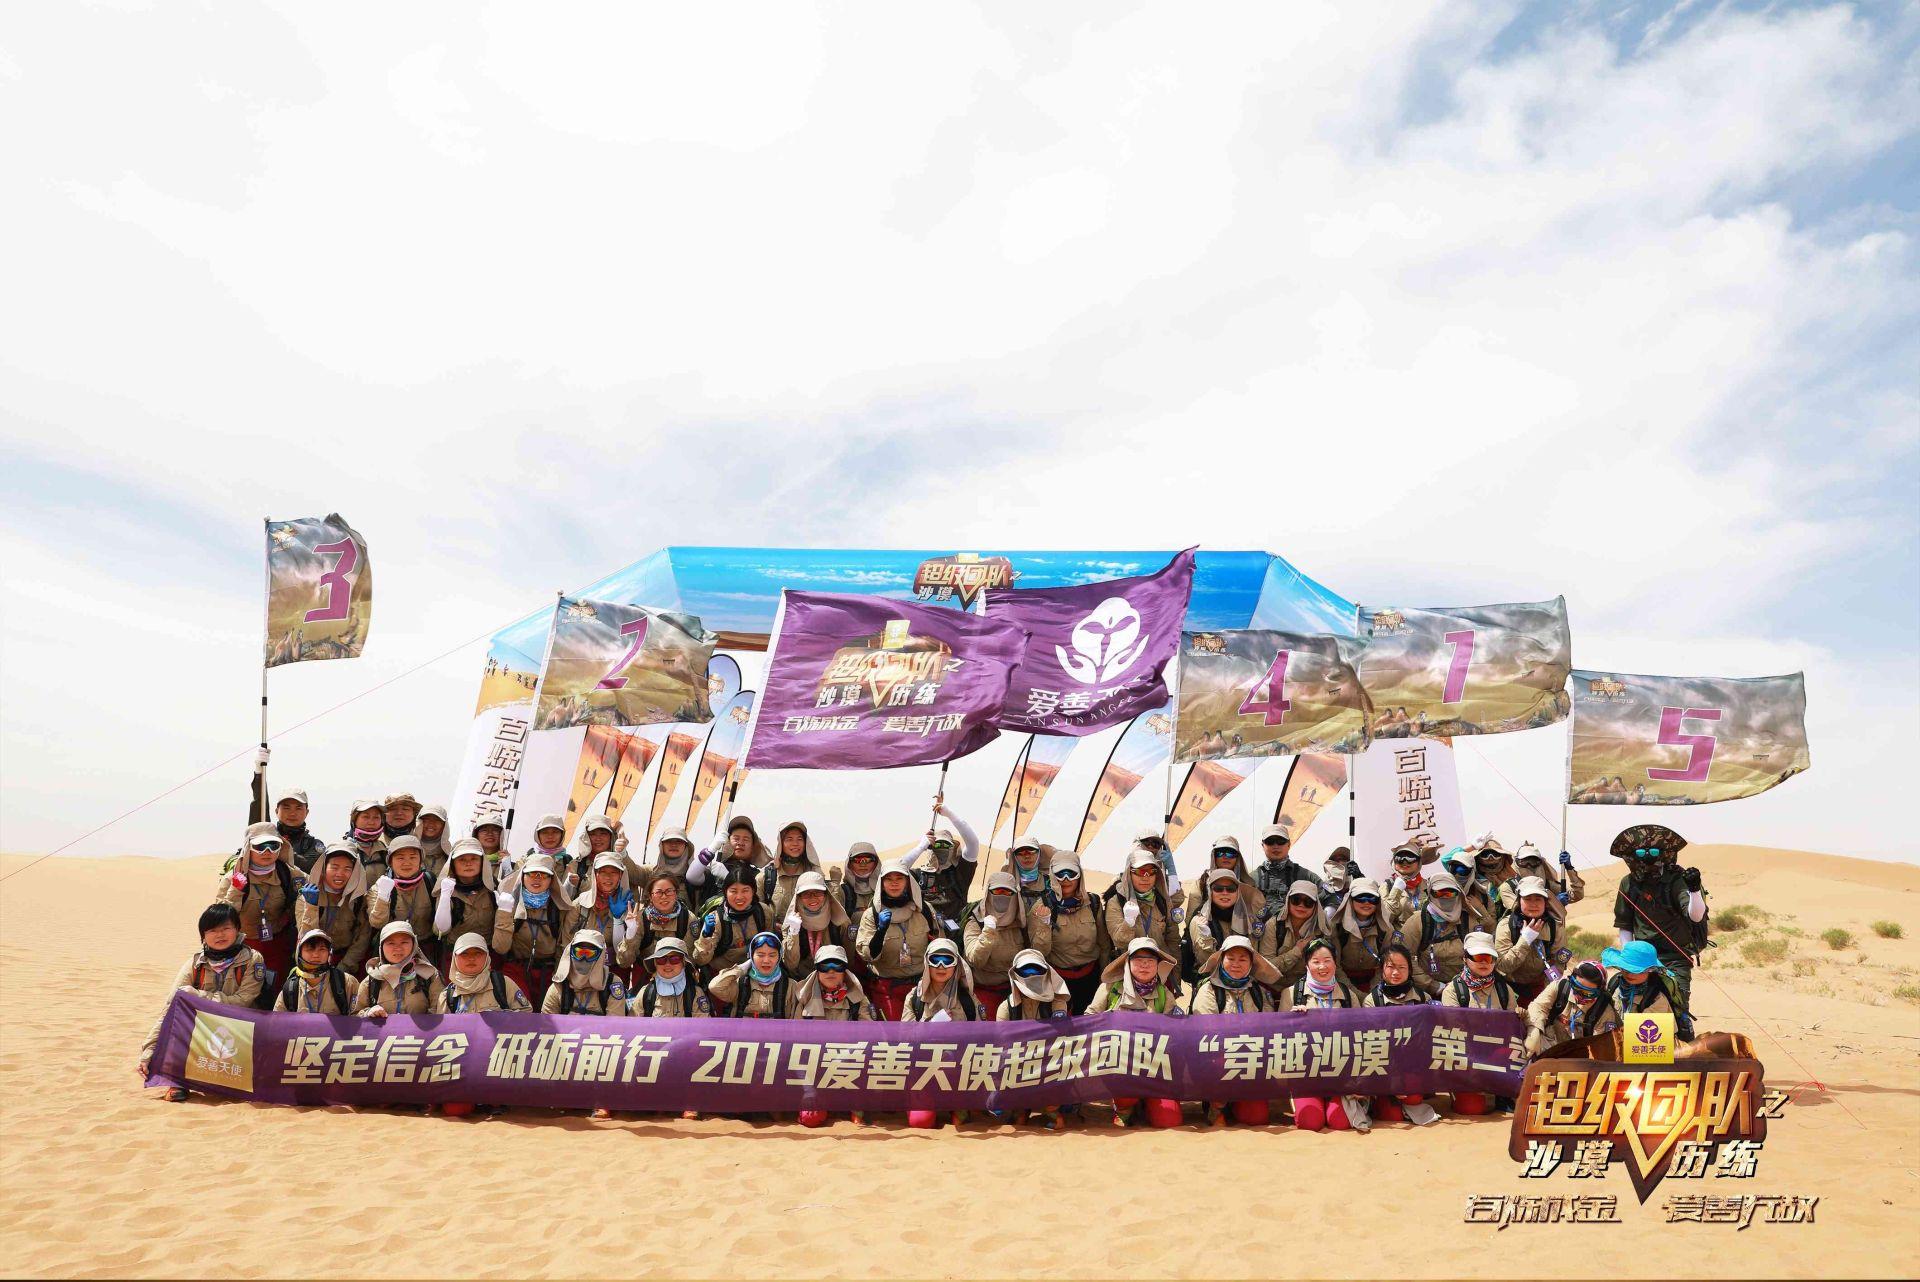 爱善天使超级团队穿越腾格里沙漠,荣耀归来!